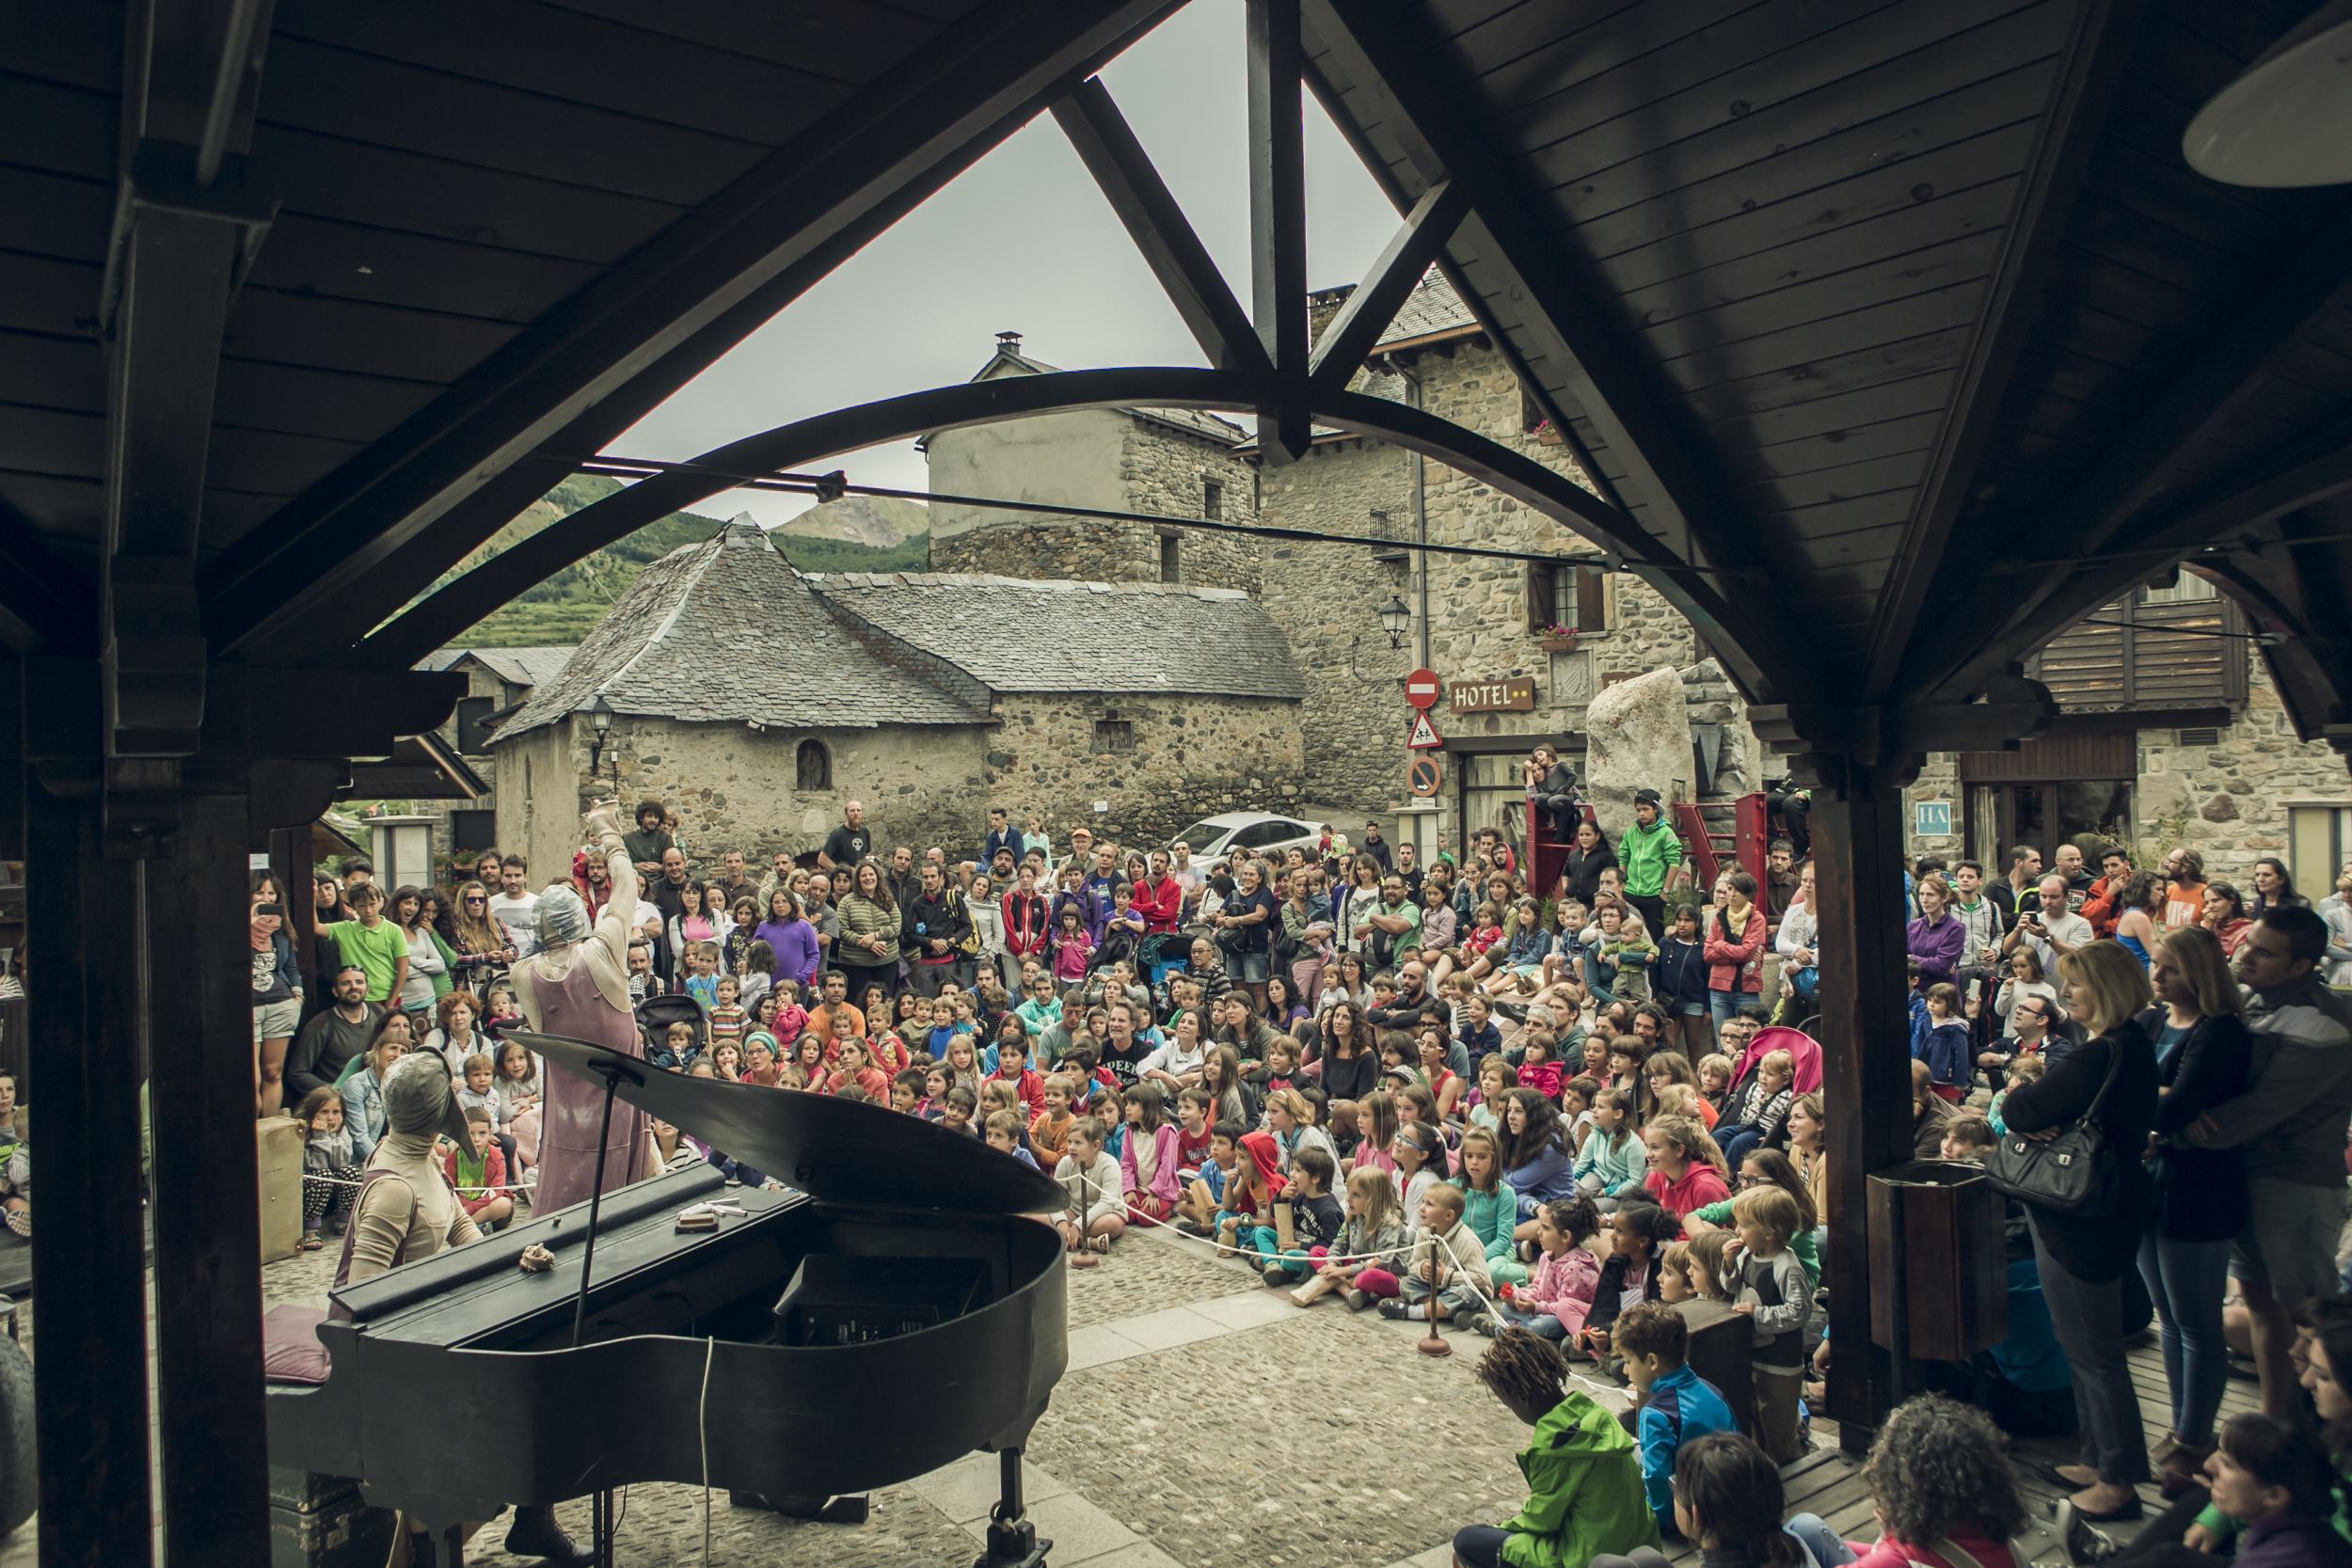 Además de los conciertos en Lanuza, también se organizan actividades paralelas para un público familiar, los mercados del mundo y conciertos entre semana en el escenario de Sallent de Gállego. Foto: Pirineos Sur/Jorge Fuembuena